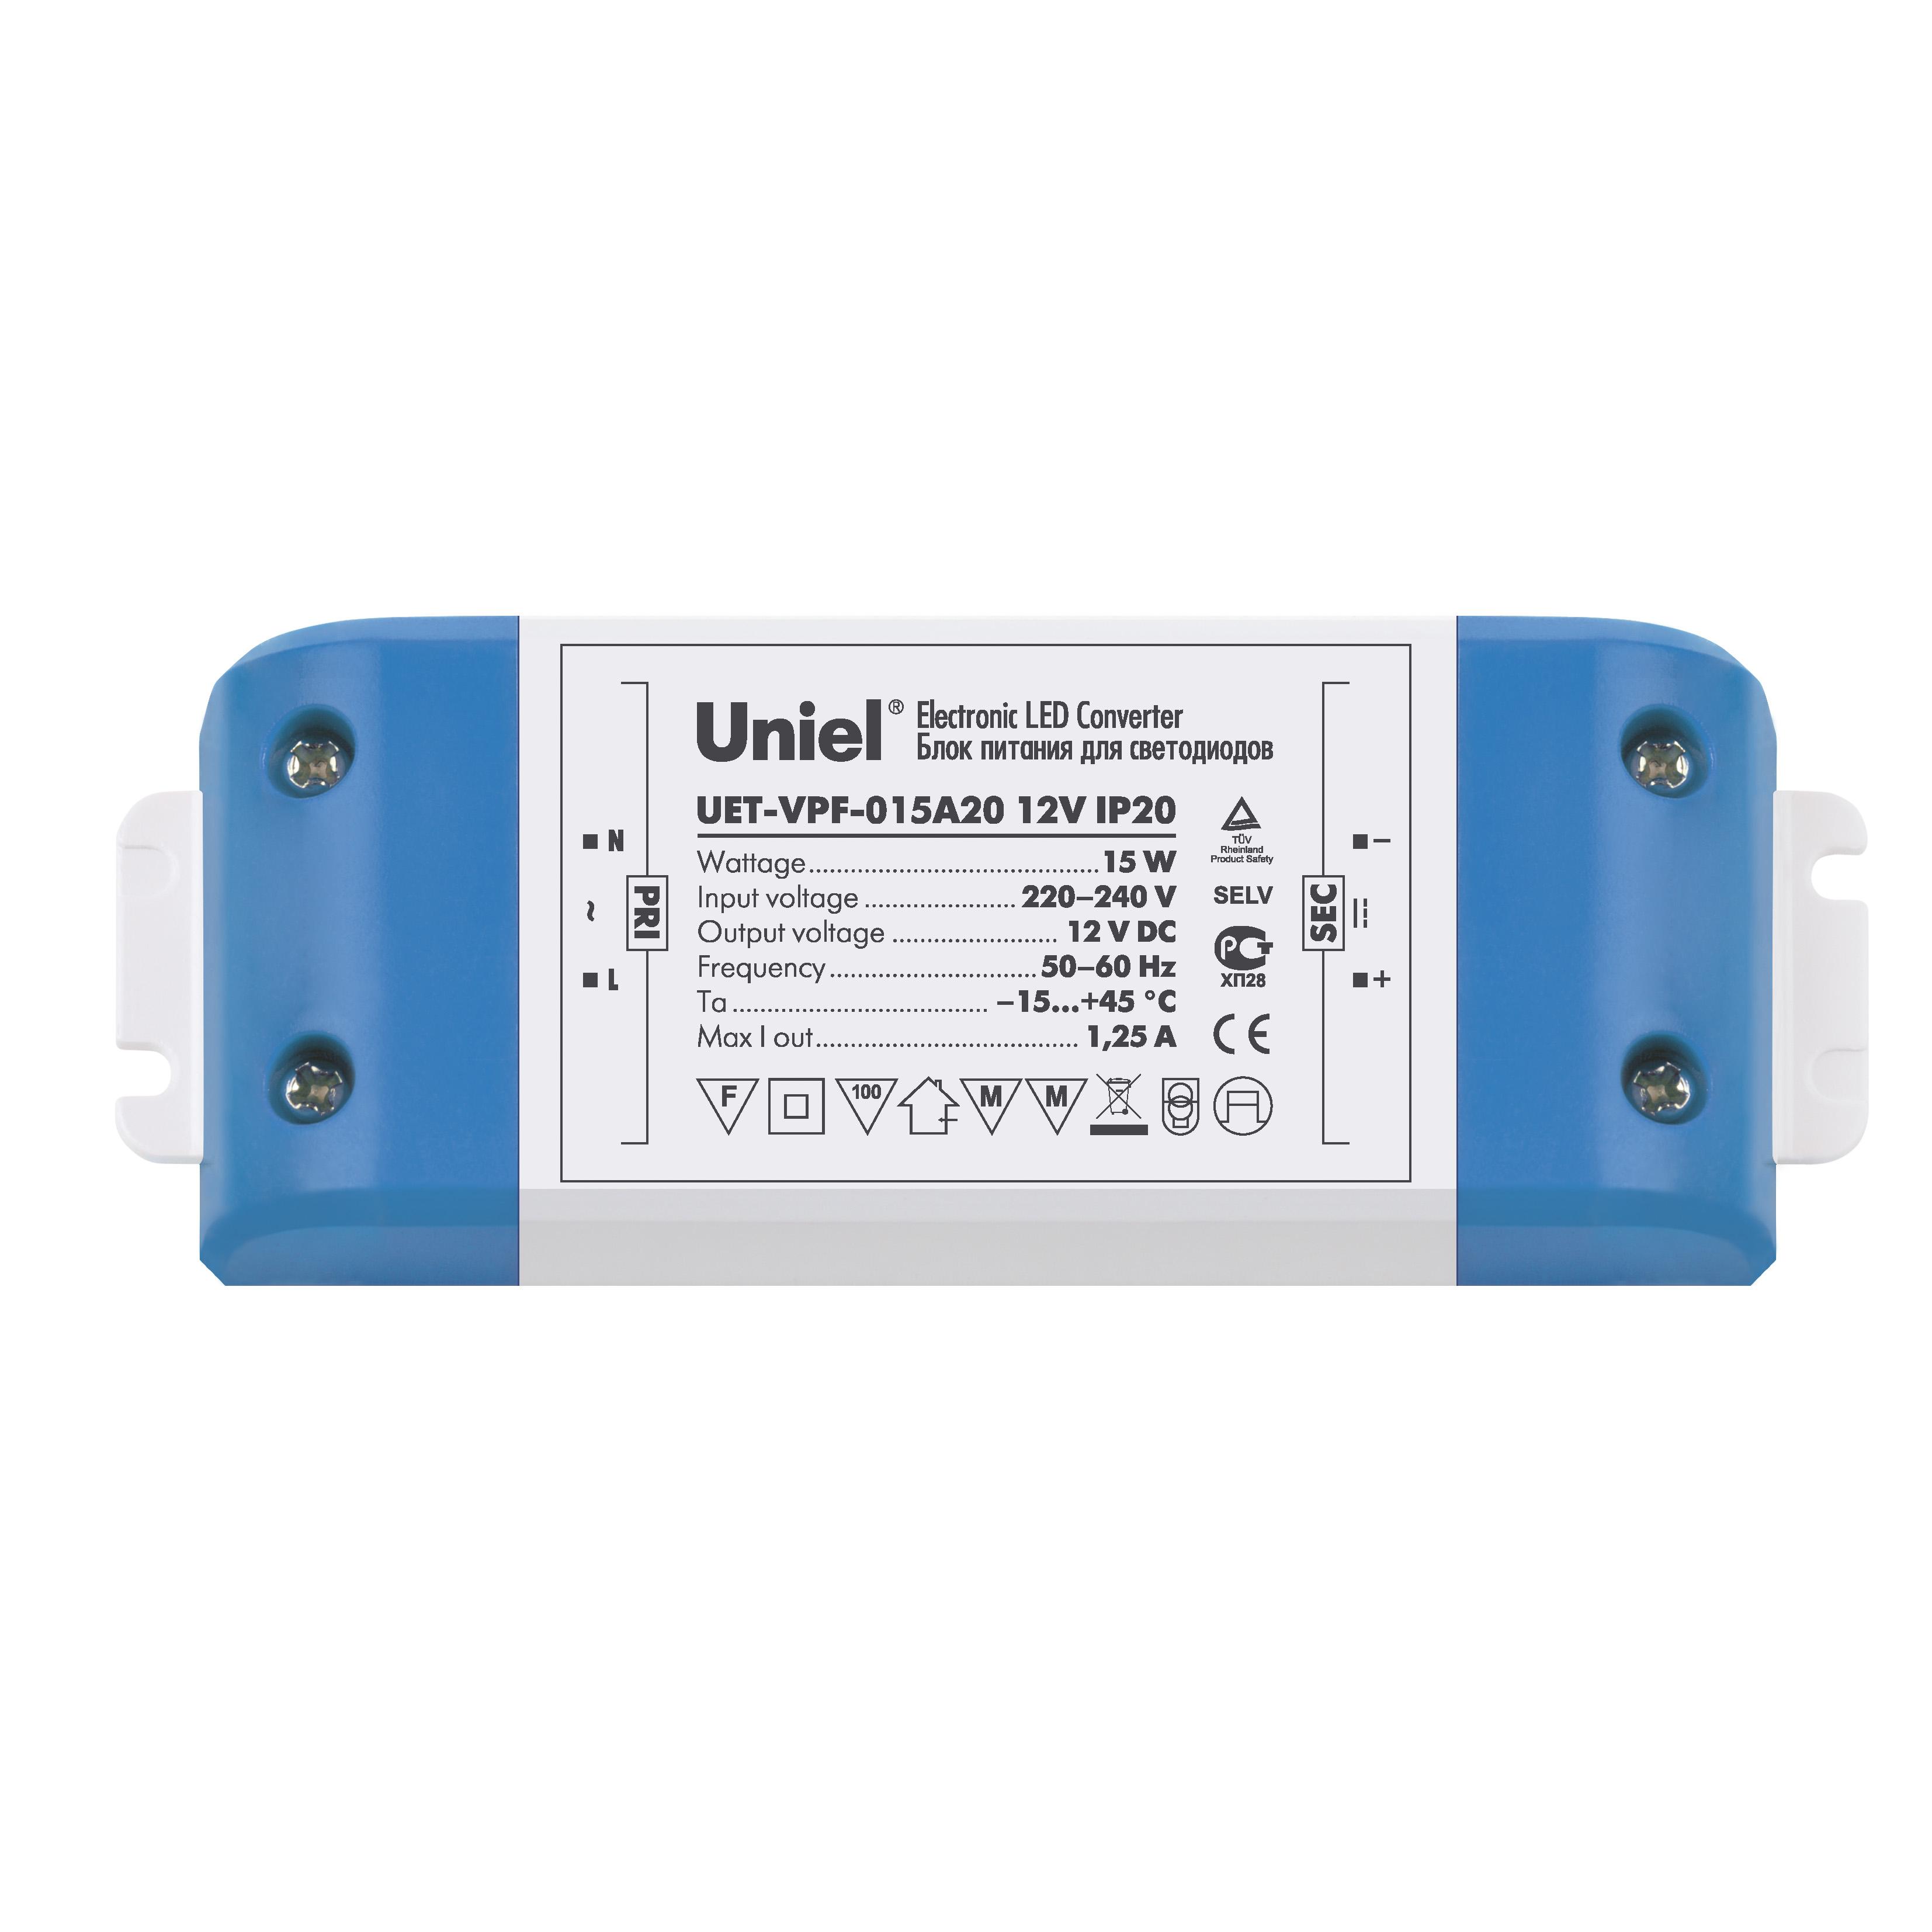 Блок питания Uniel Uet-vpf-015a20